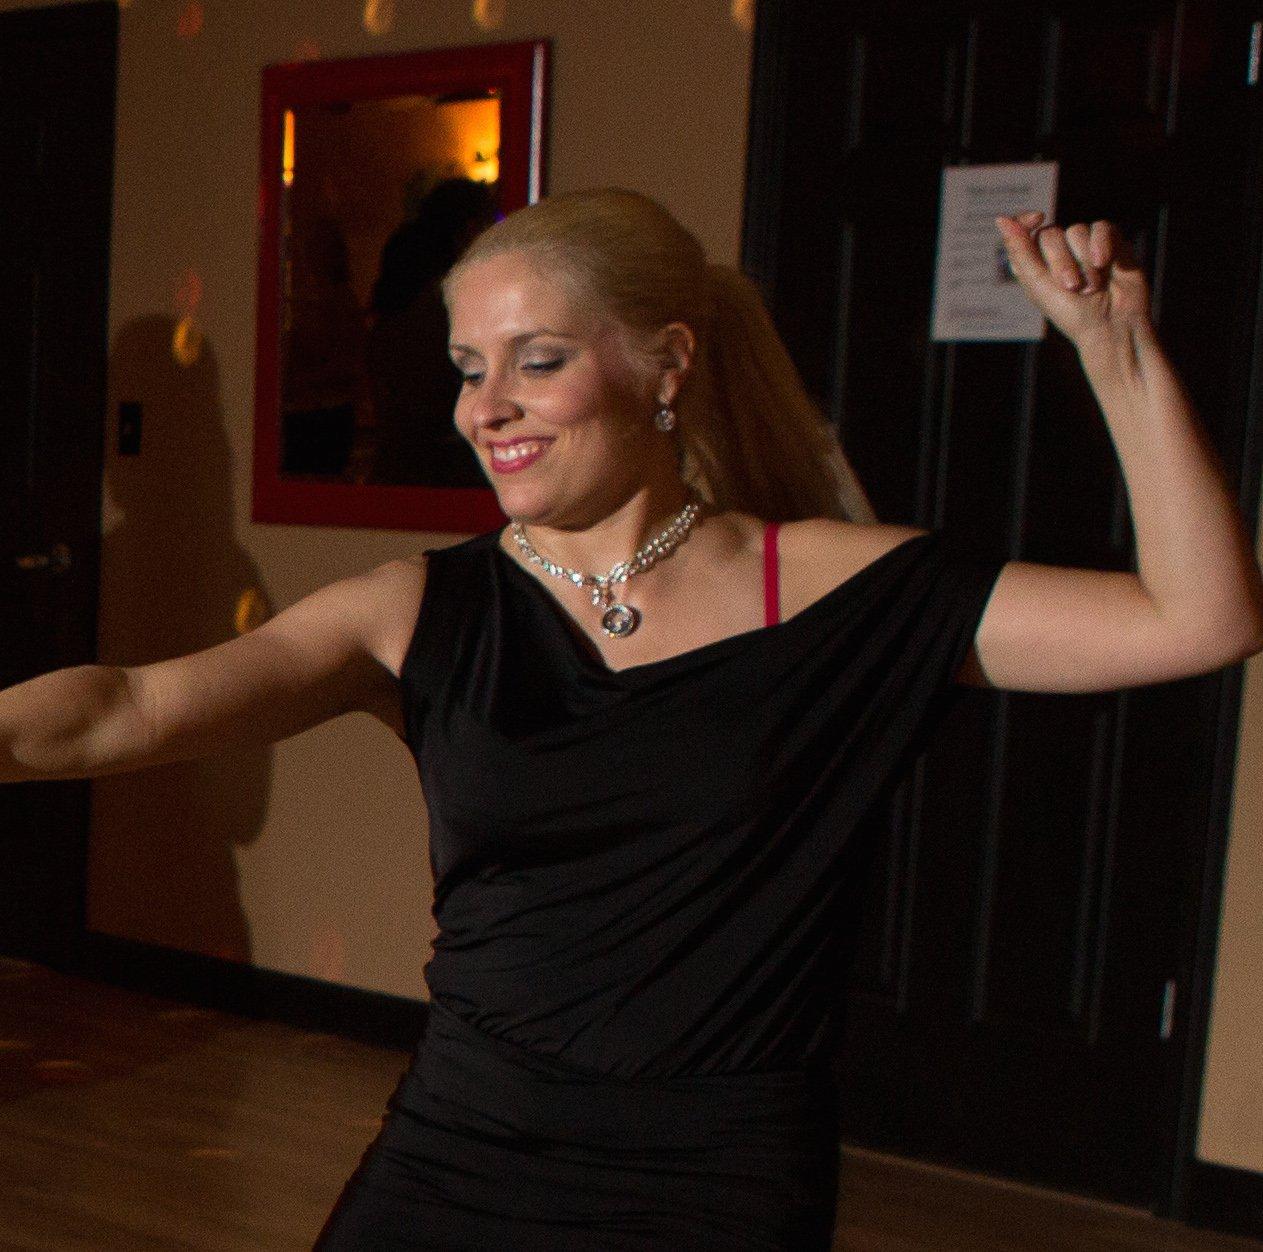 Kristy Merker